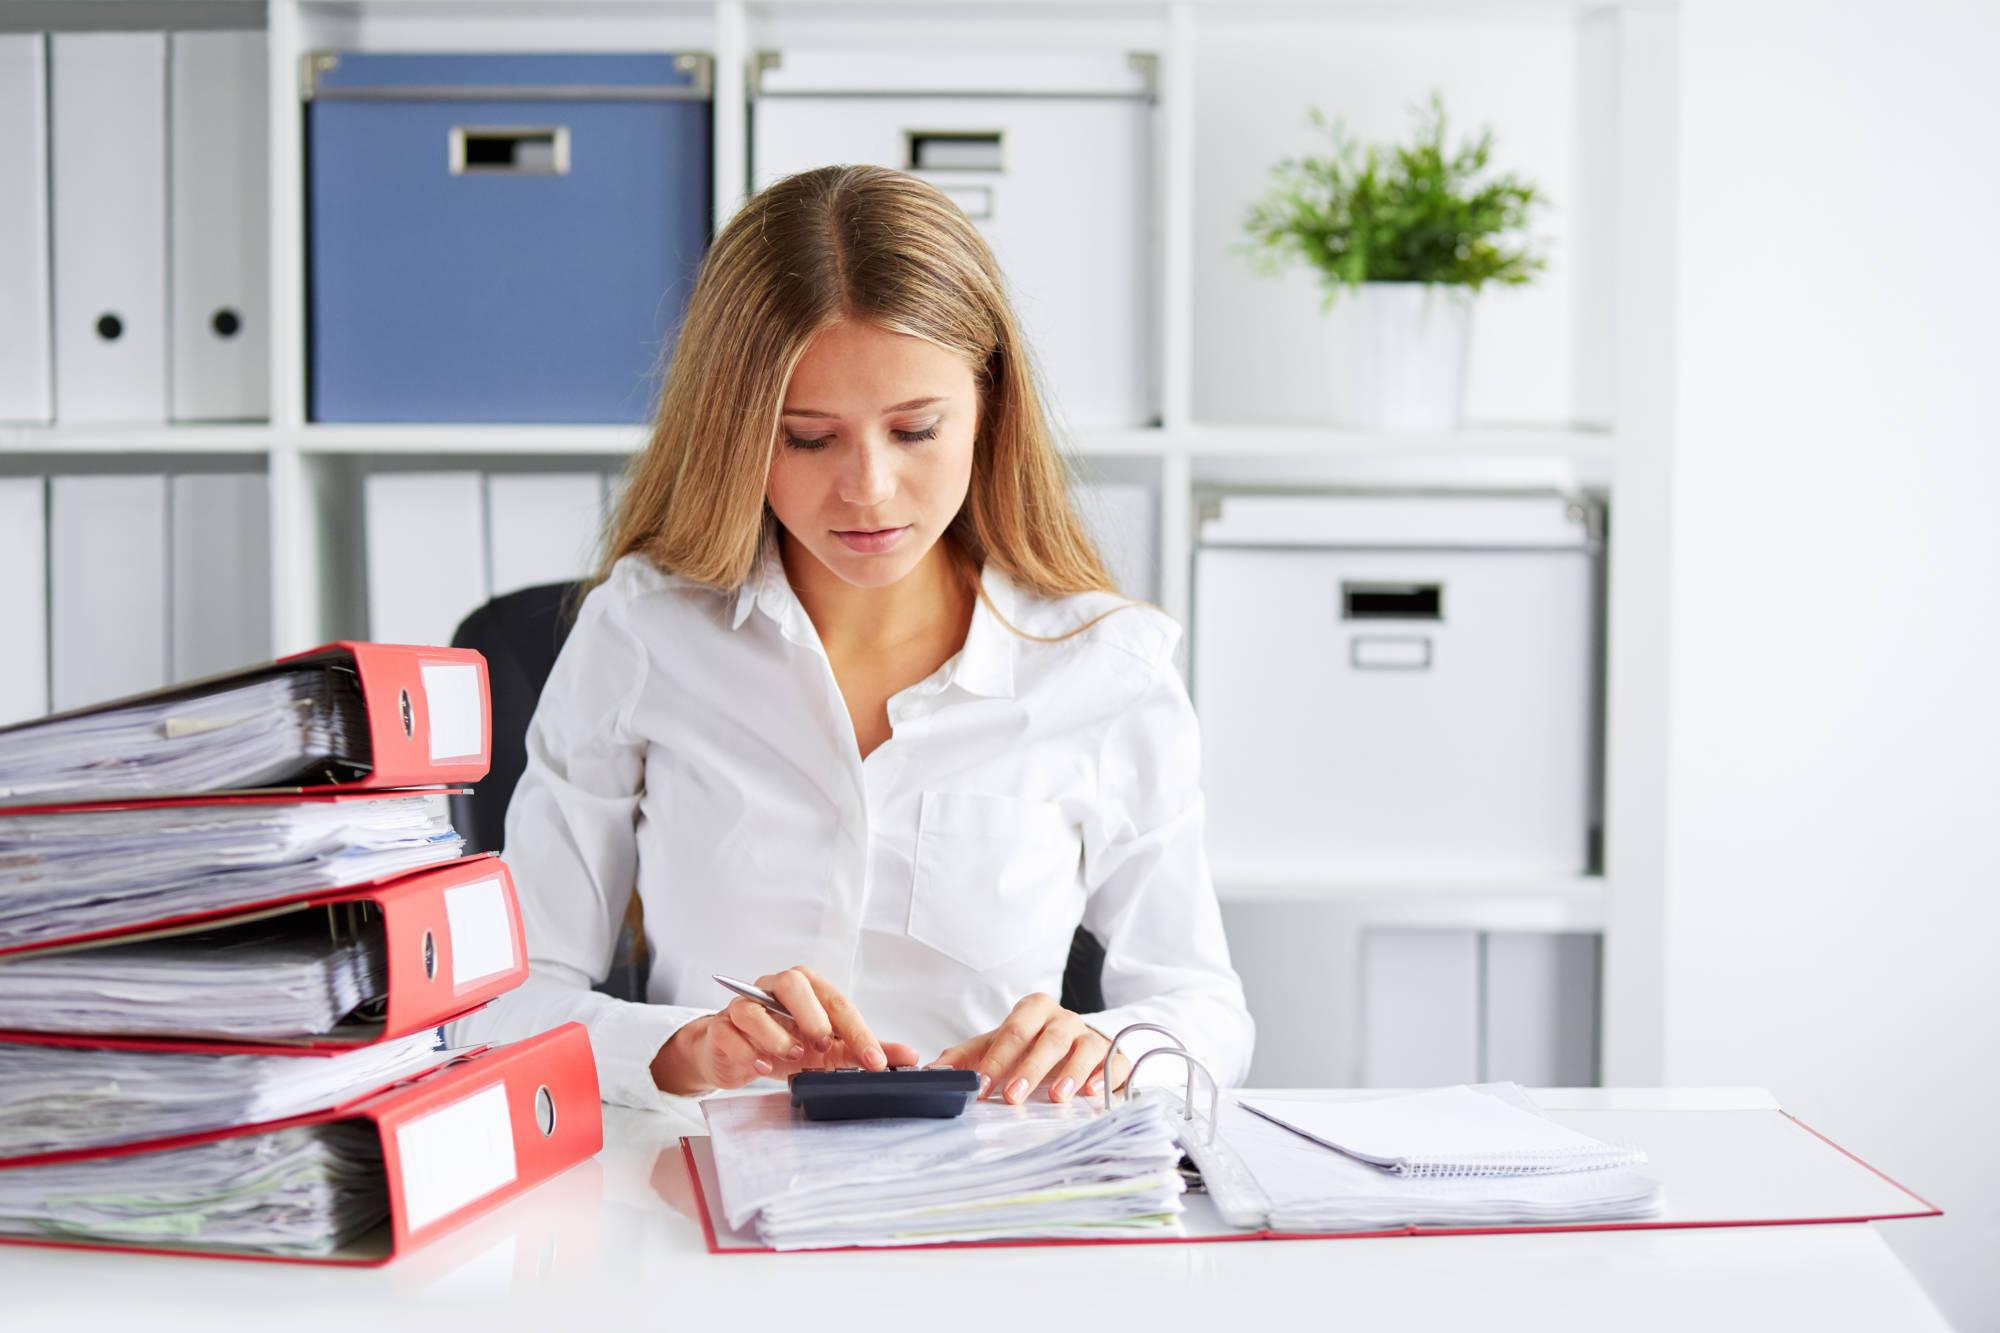 Бухгалтер для ип удаленно вакансии посадили главного бухгалтера